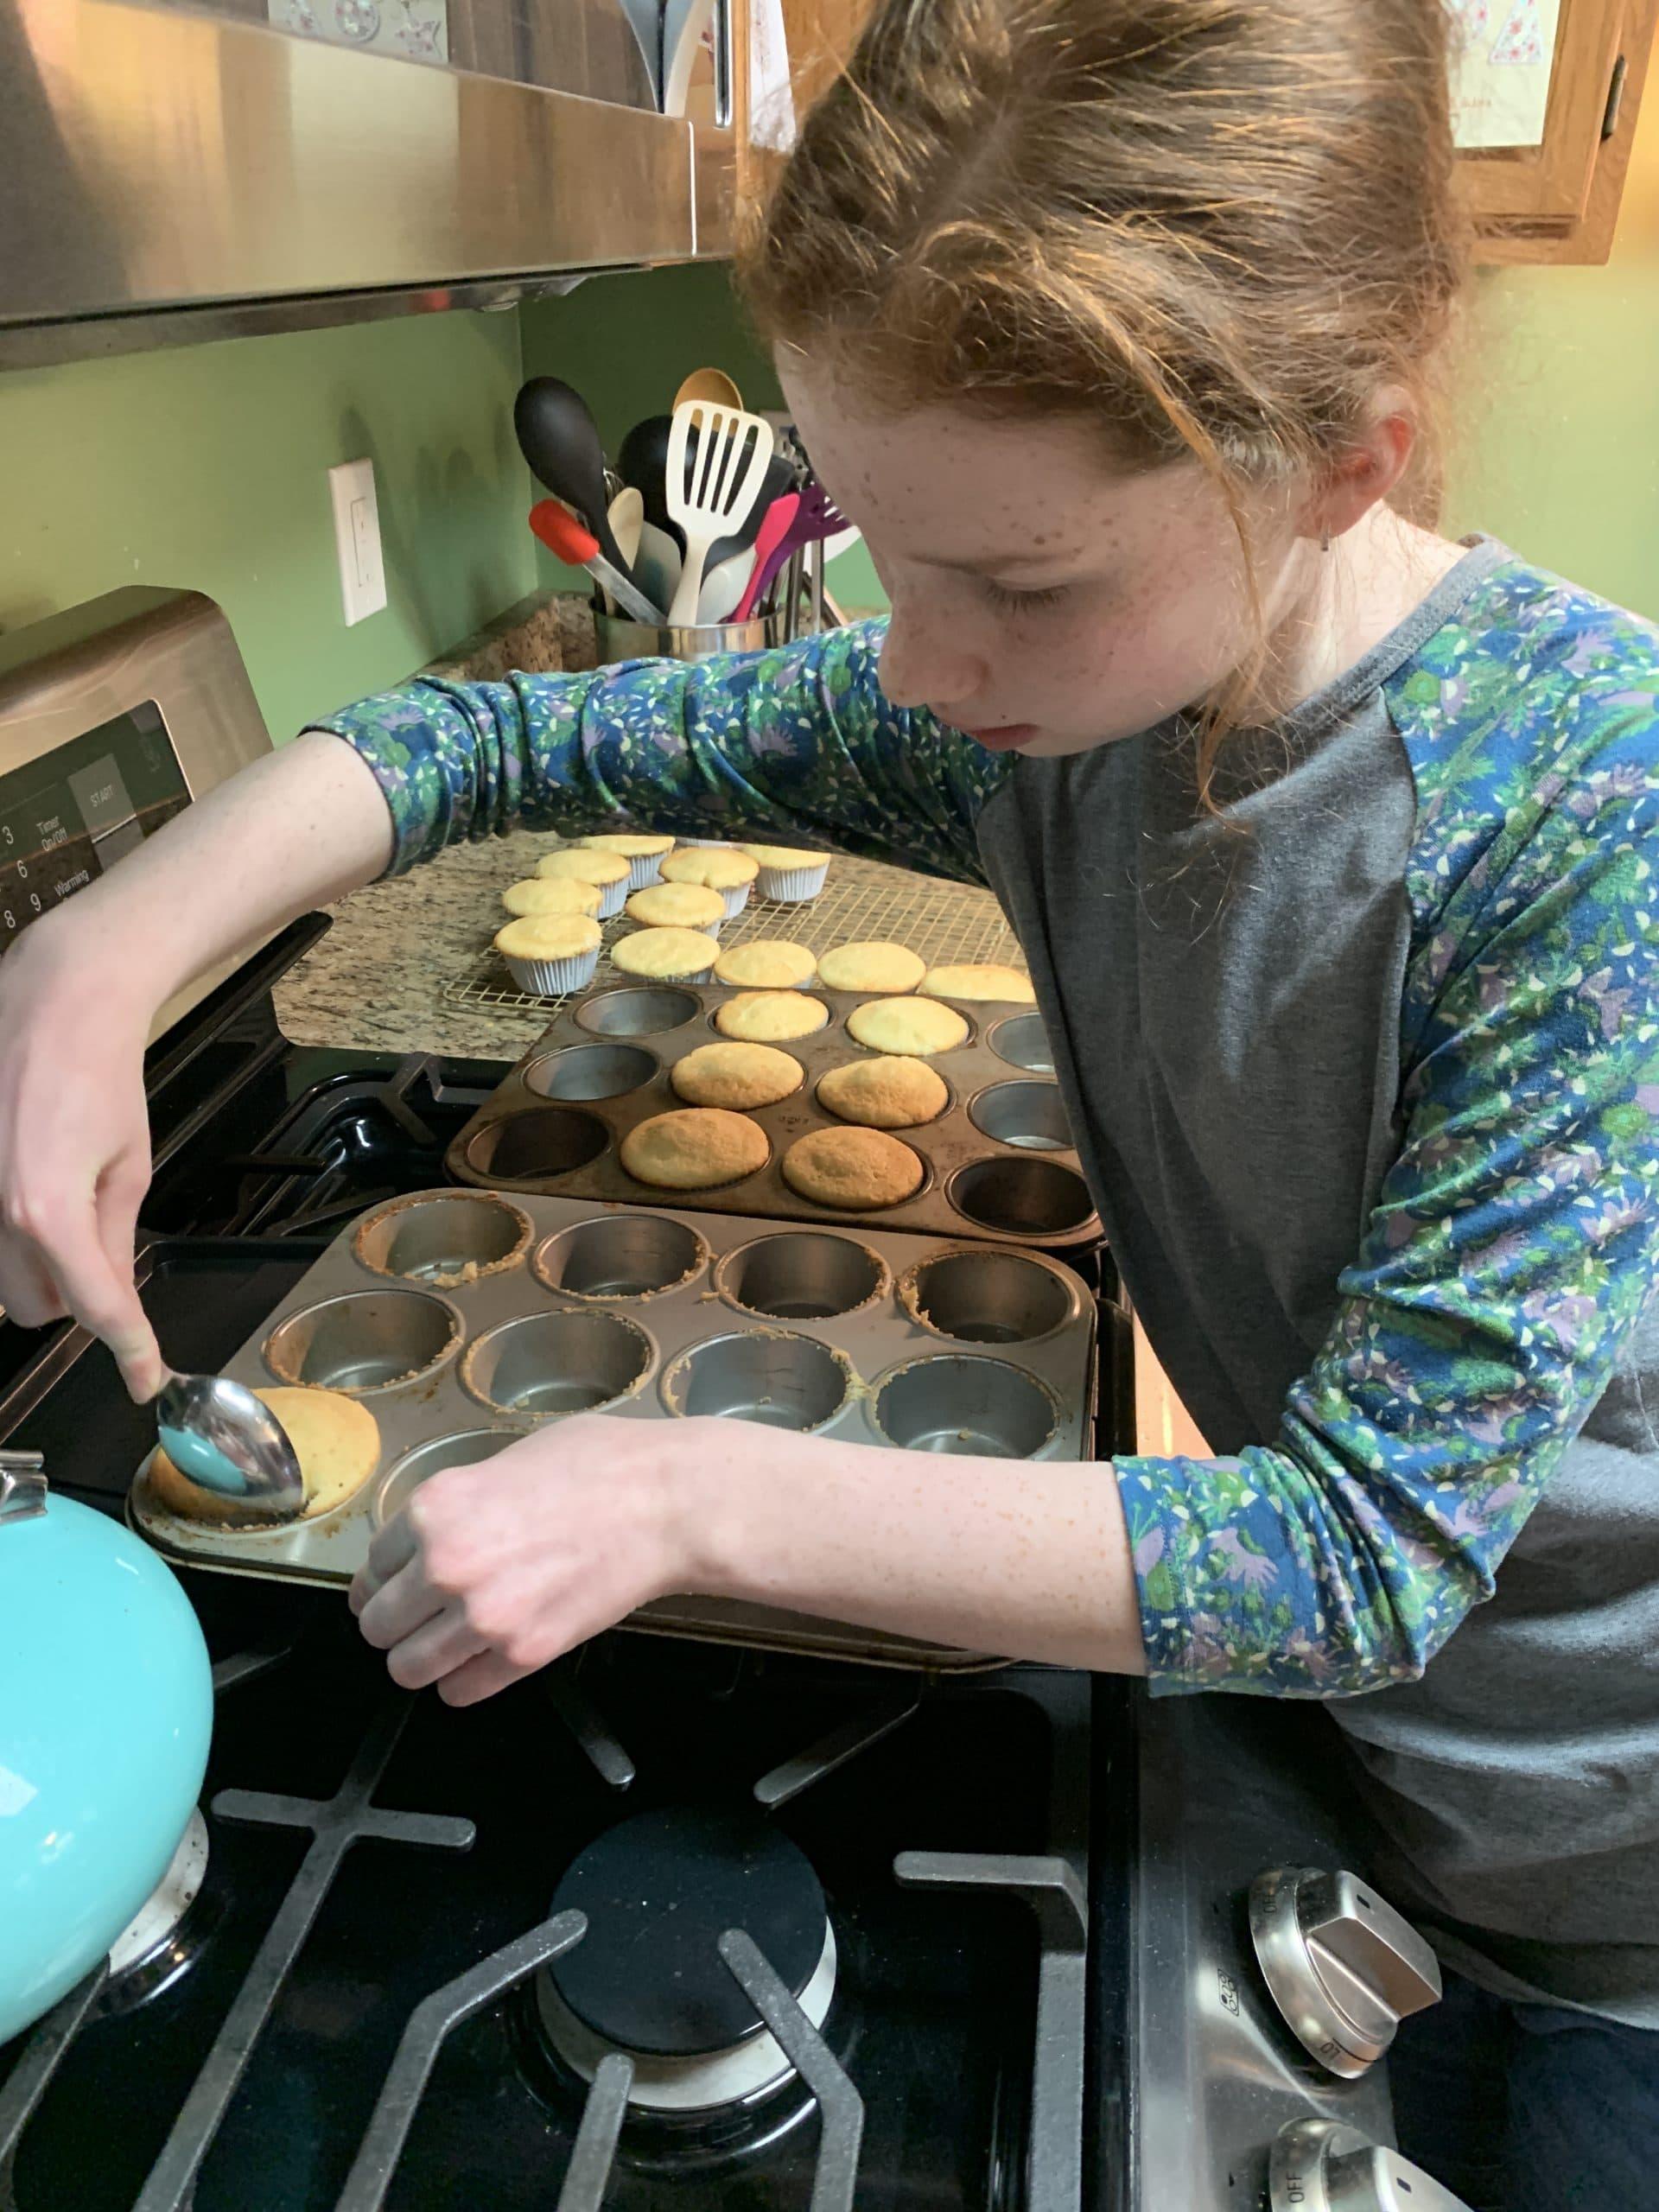 N baking cupcakes